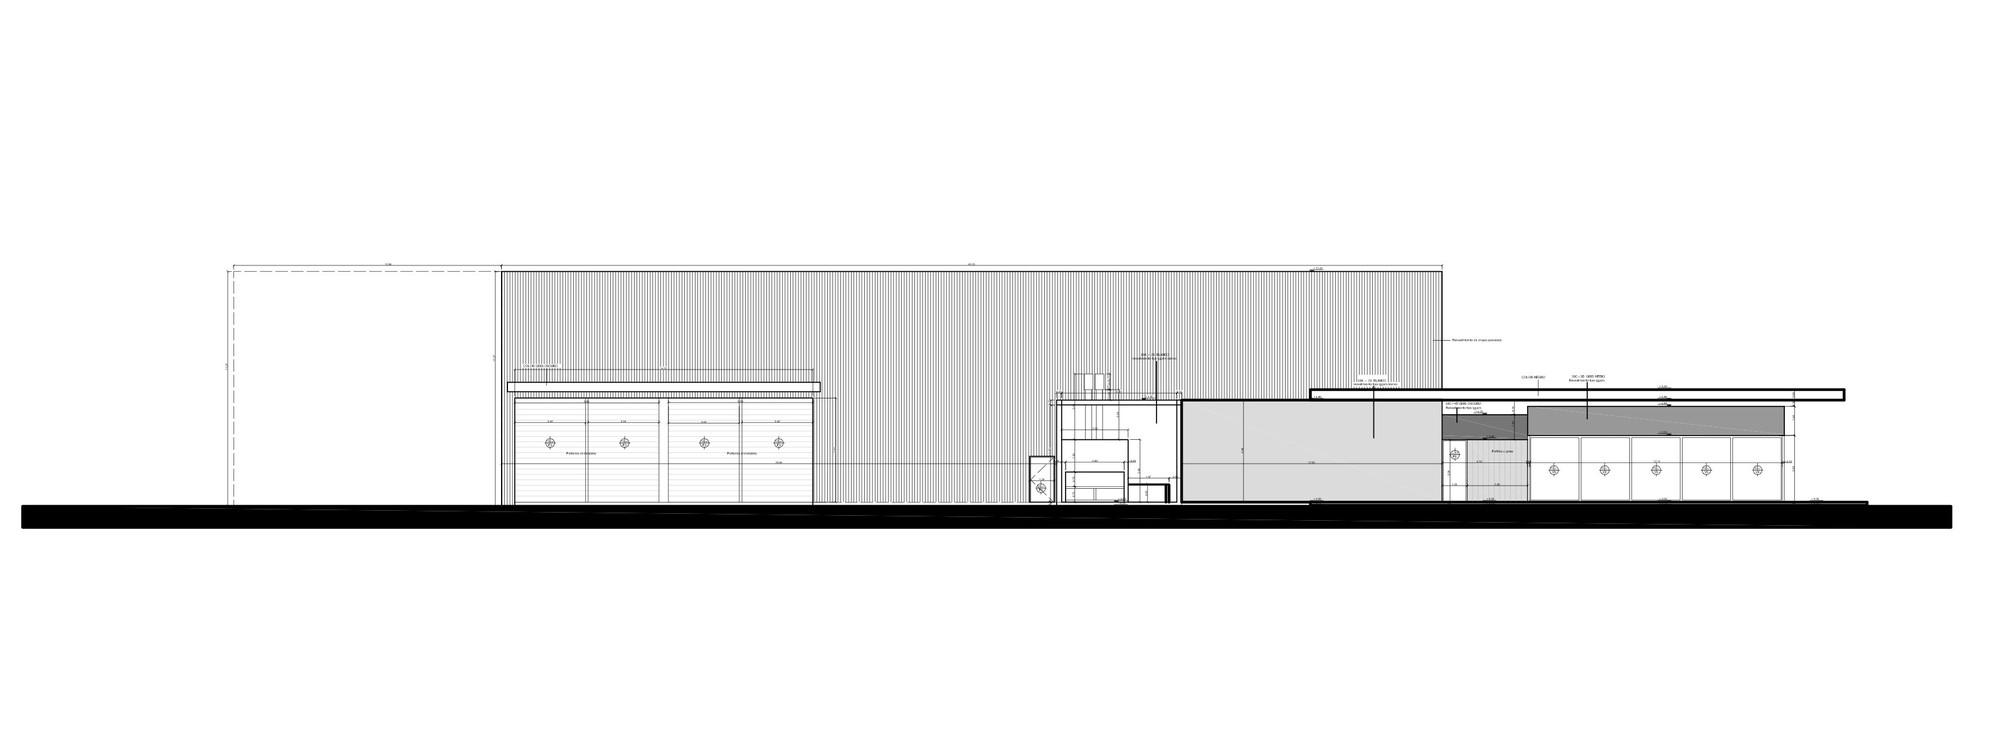 Galer a de centro de distribuci n y edificio de oficinas for Distribucion oficinas